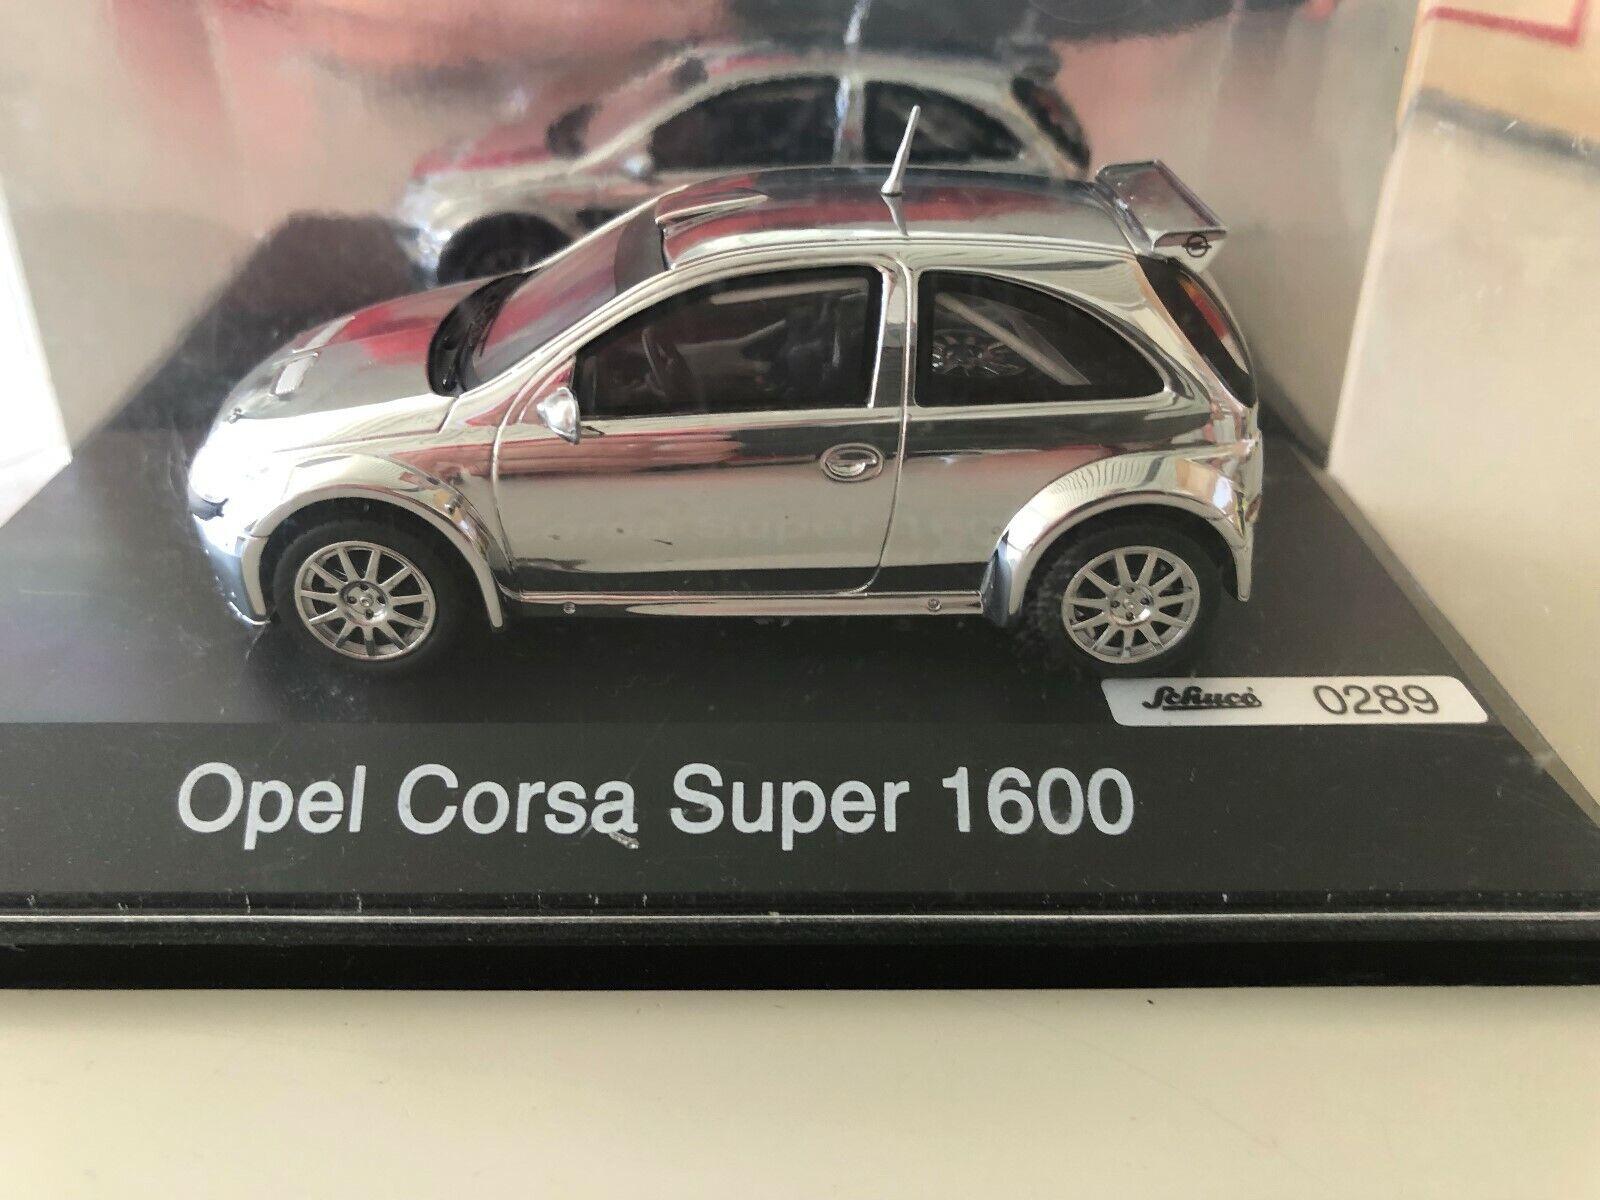 Schuco 1 43 Opel Corsa C súper 1600 Rallye cromo, limitado, rar